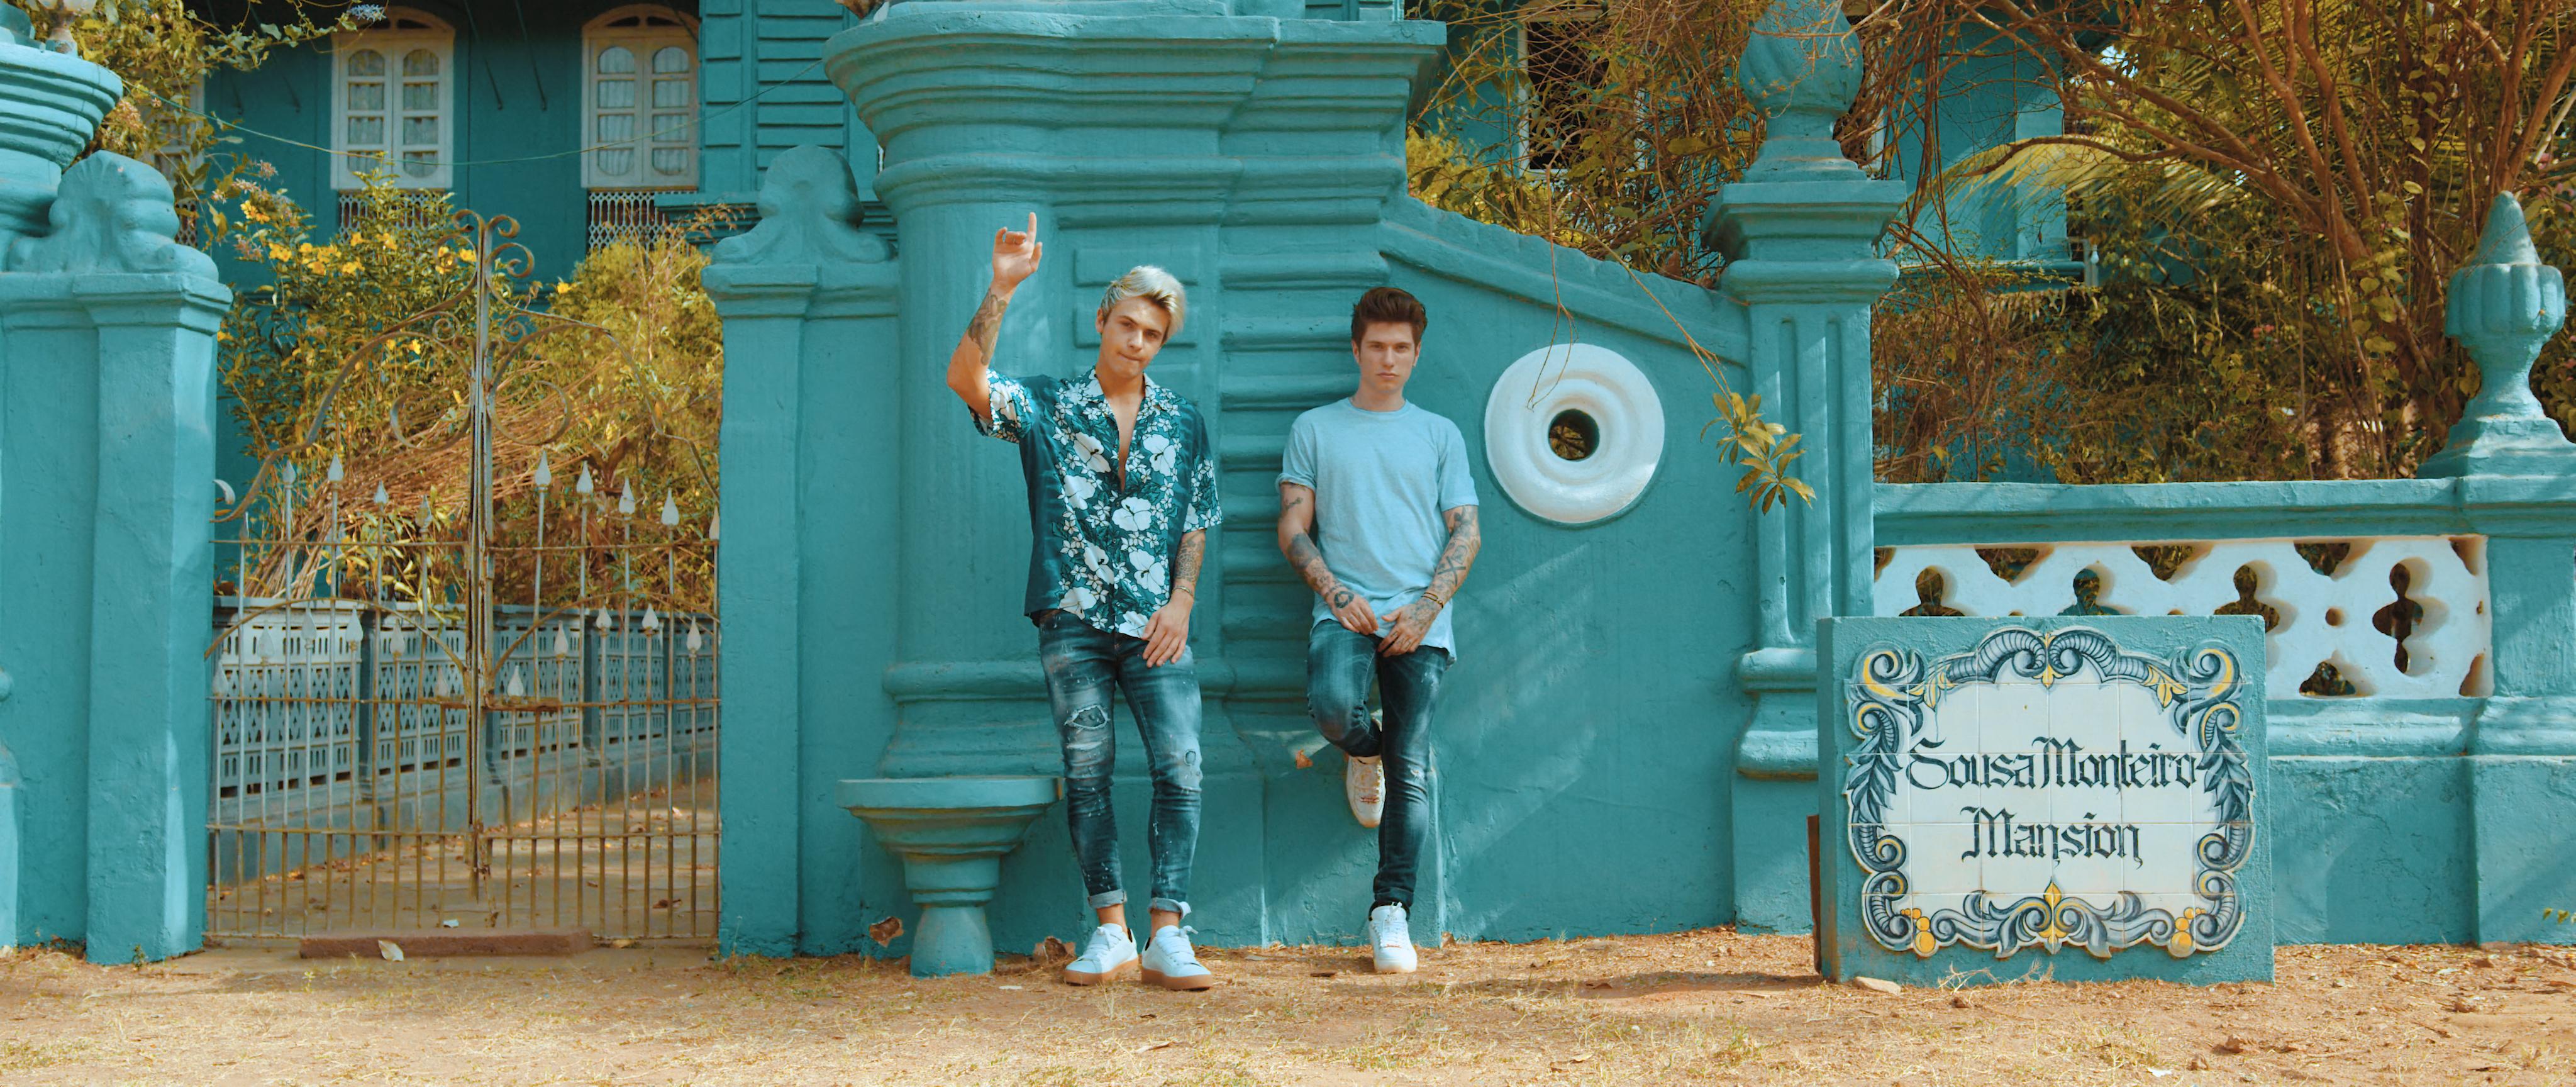 benji e fede - mosco mule official videoclip